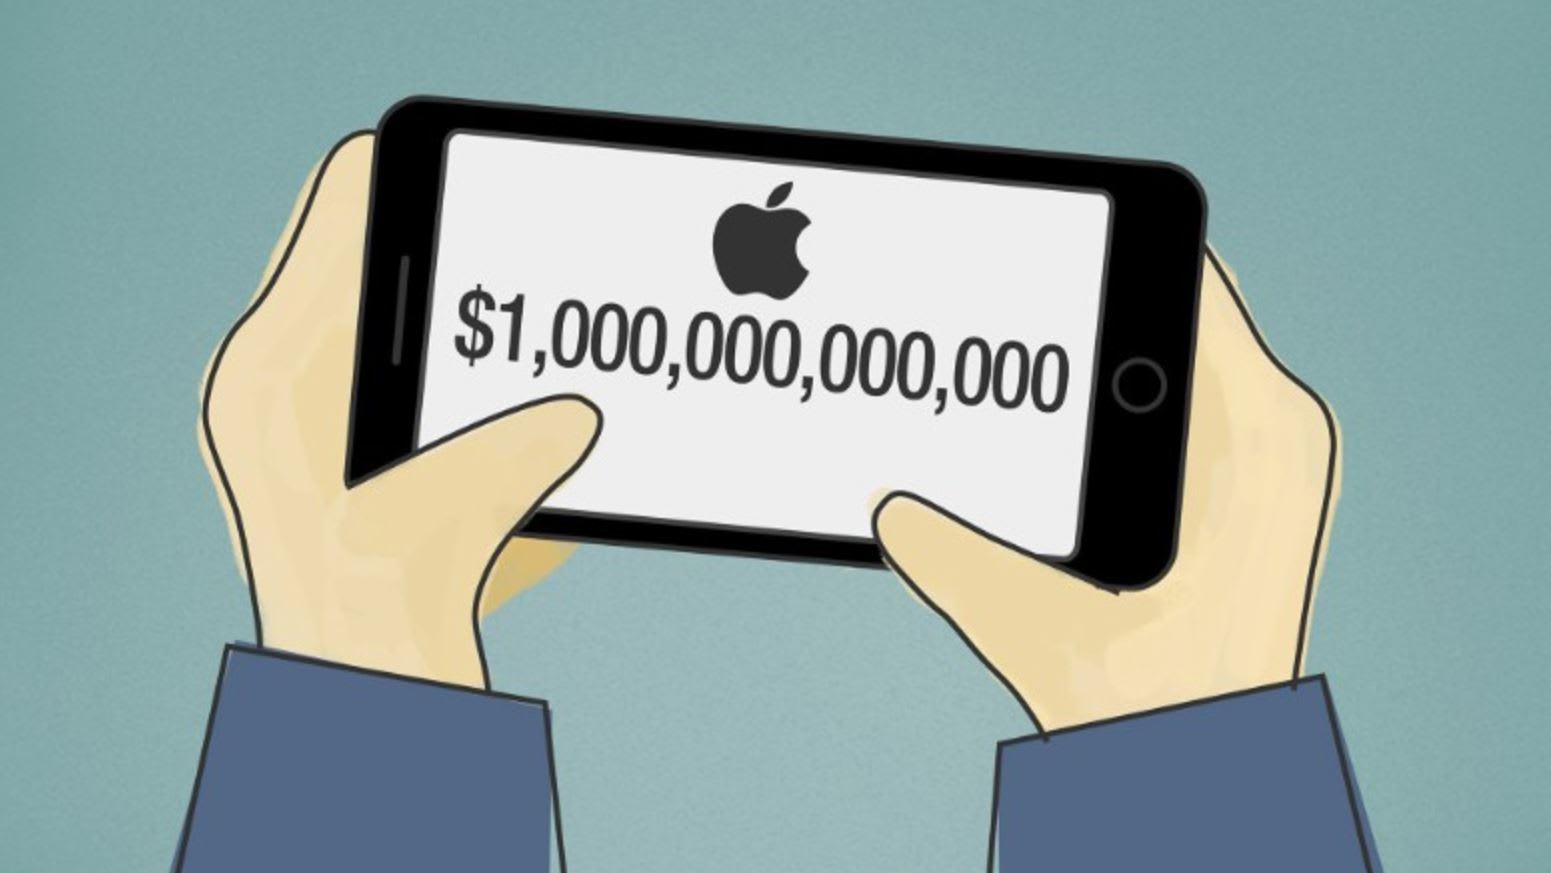 هل يرفع الآيفون الجديد قيمة شركة آبل إلى تريليون دولار؟